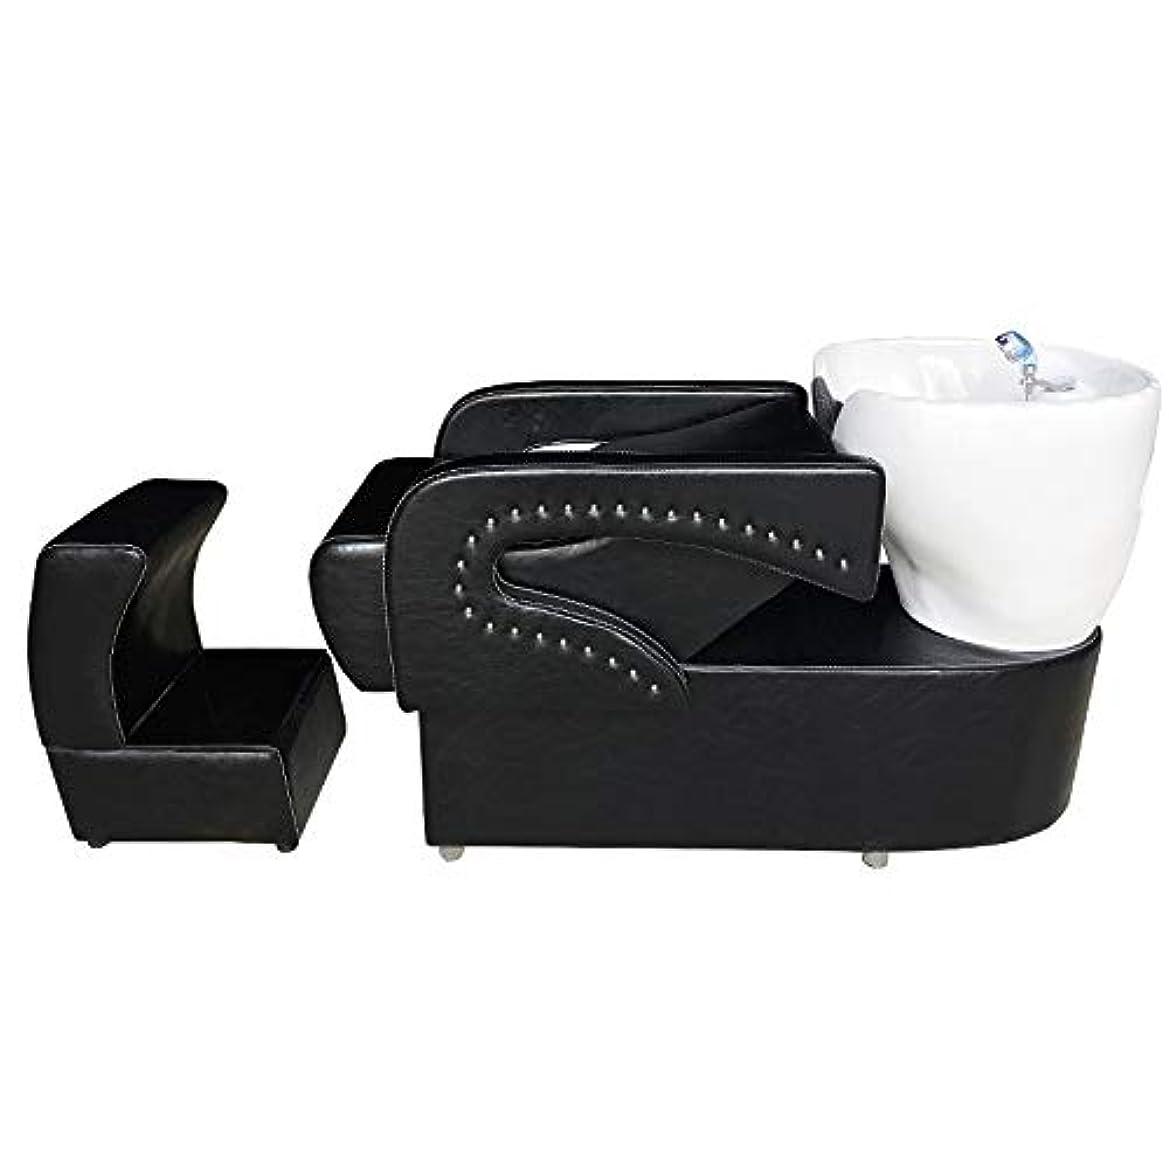 姪準備葬儀シャンプーの理髪師の逆洗の椅子、鉱泉の美容院のためのシャンプーボールの流しの椅子は半くぼみのフラッシュベッドを流します